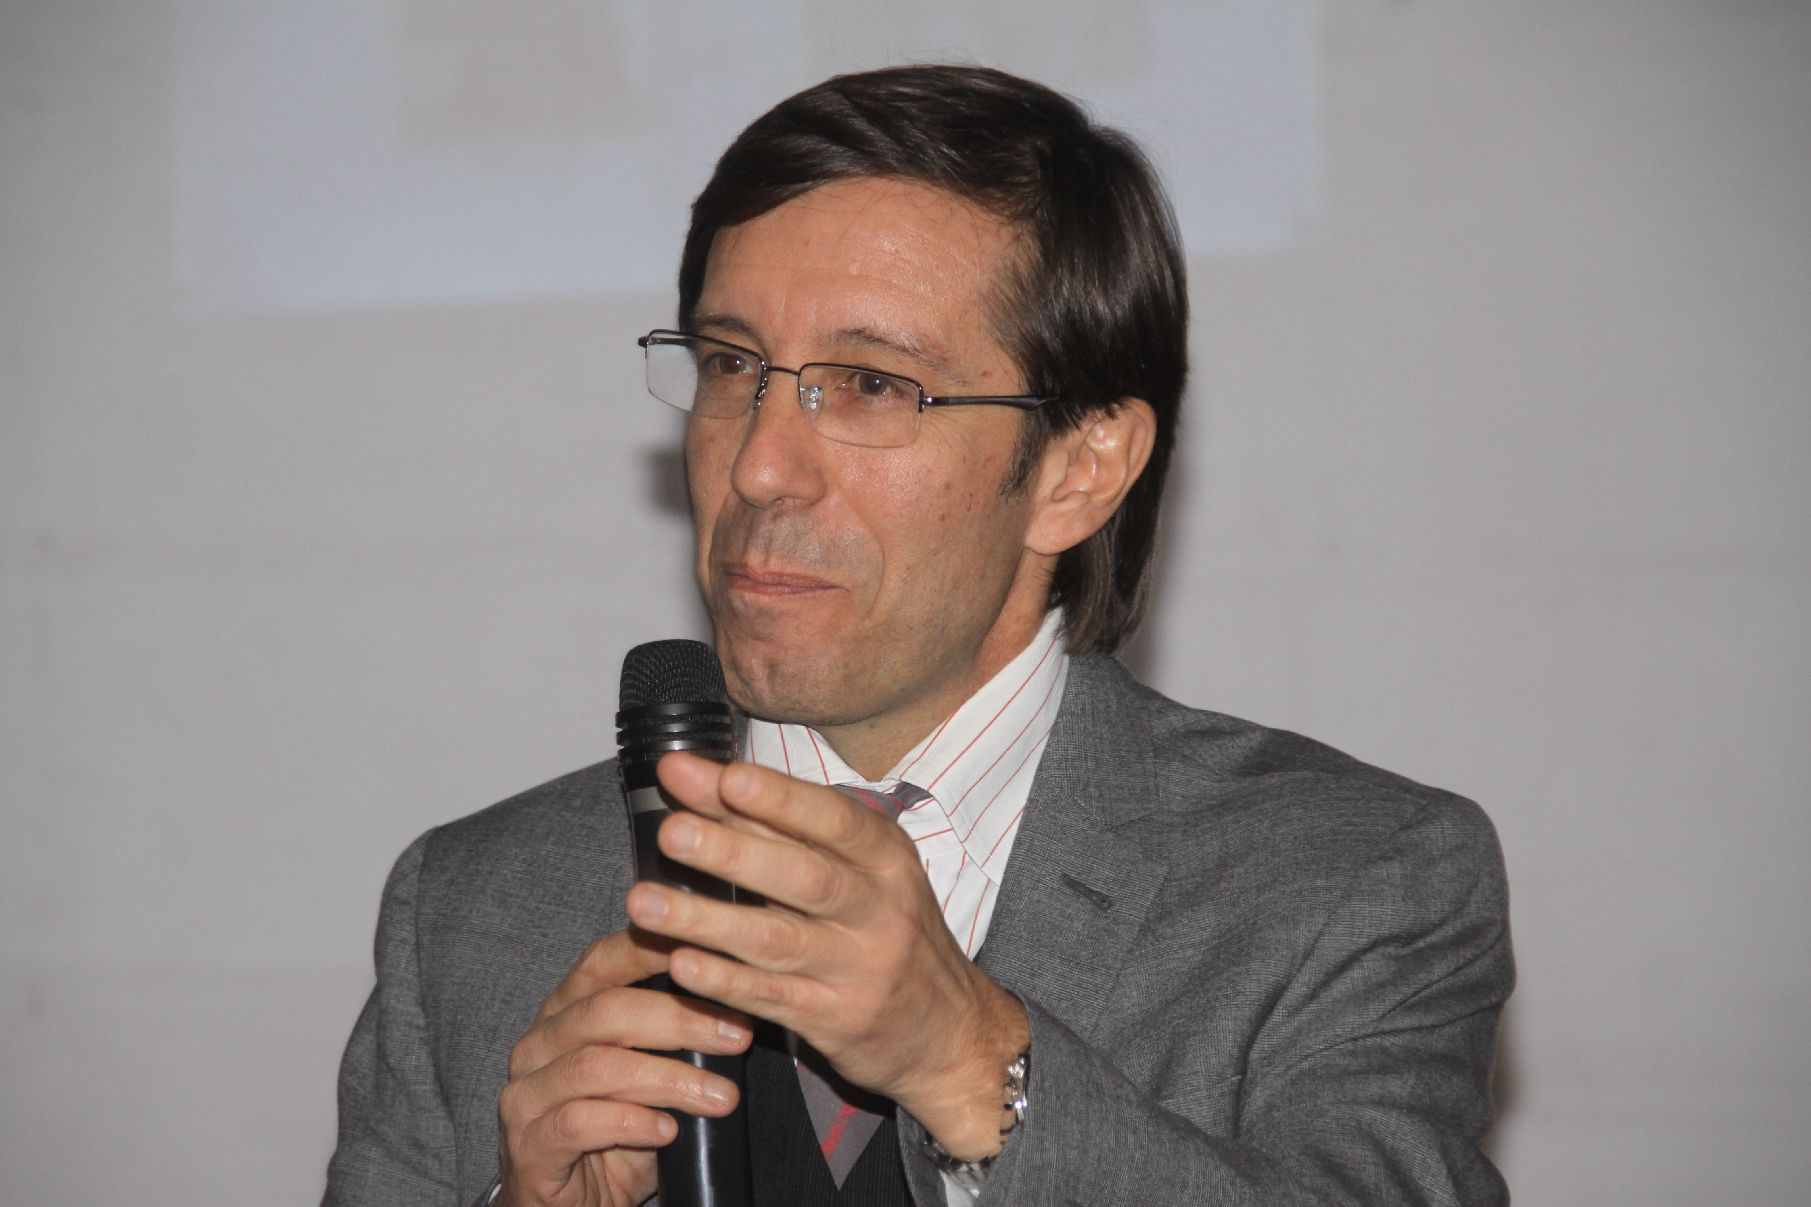 Massimo Papi